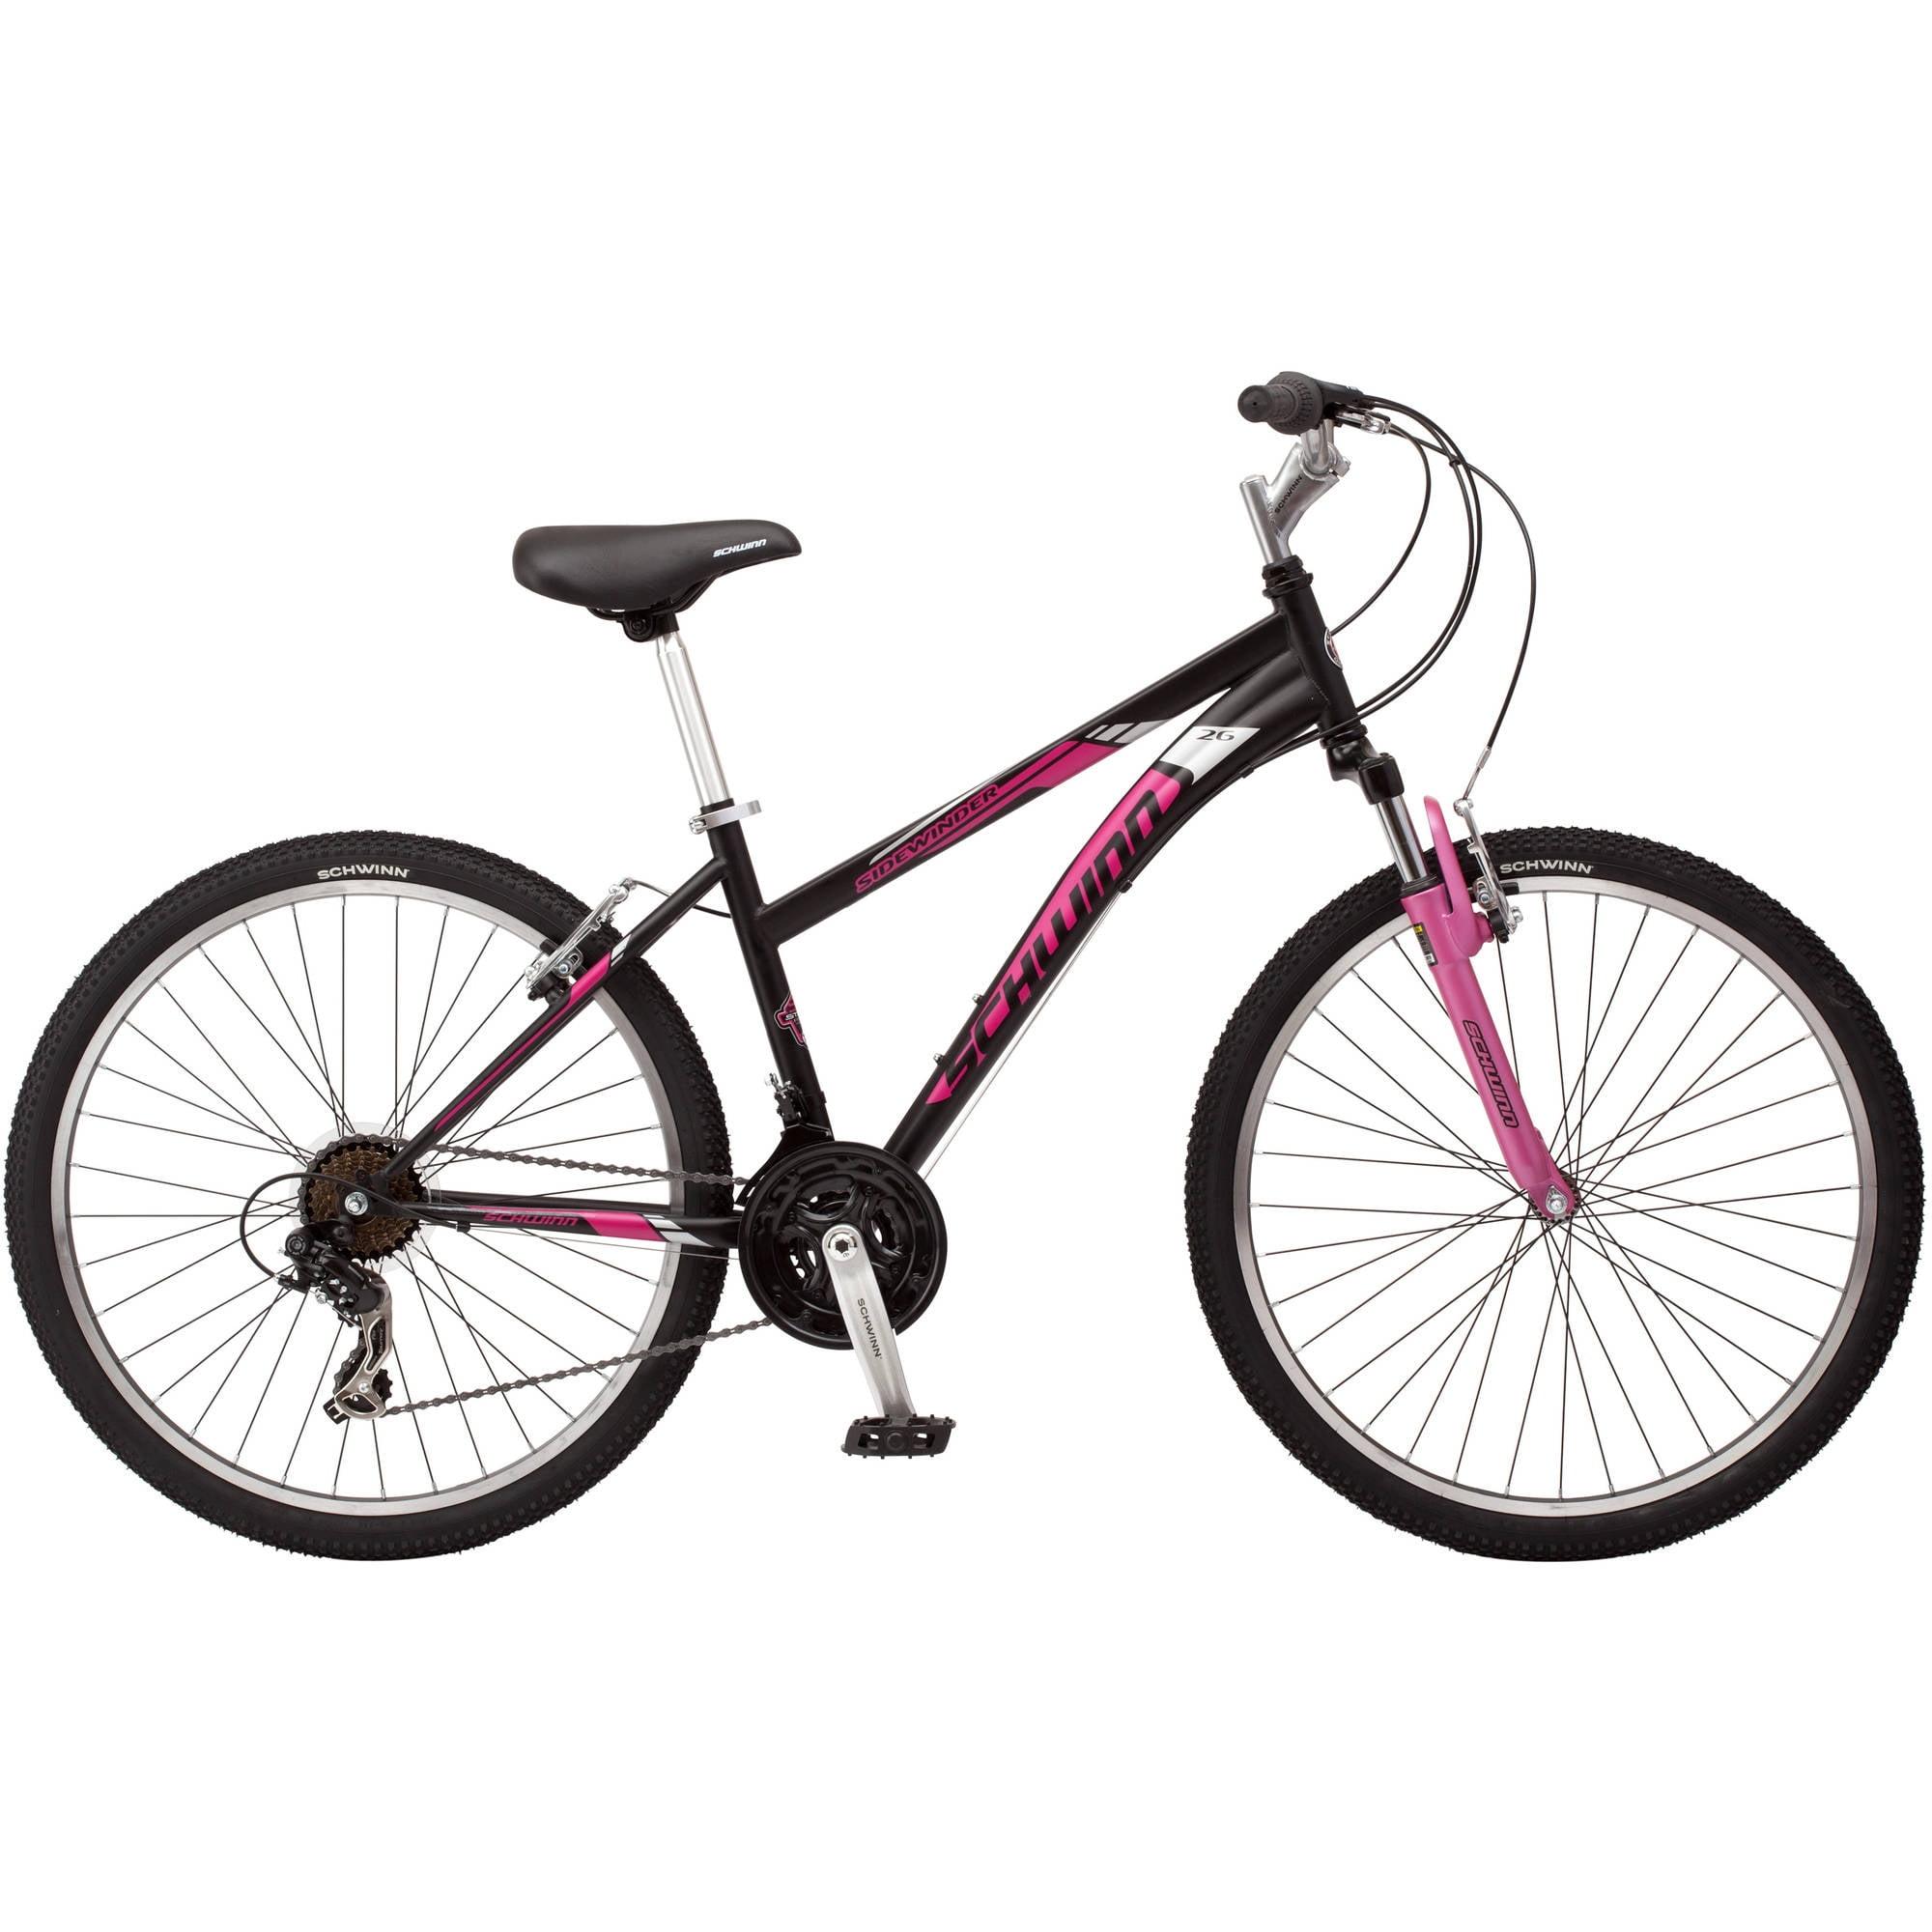 26 schwinn sidewinder women s mountain bike matte black pink rh walmart com Schwinn Ranger Review Schwinn Women's Ranger Mountain Bike